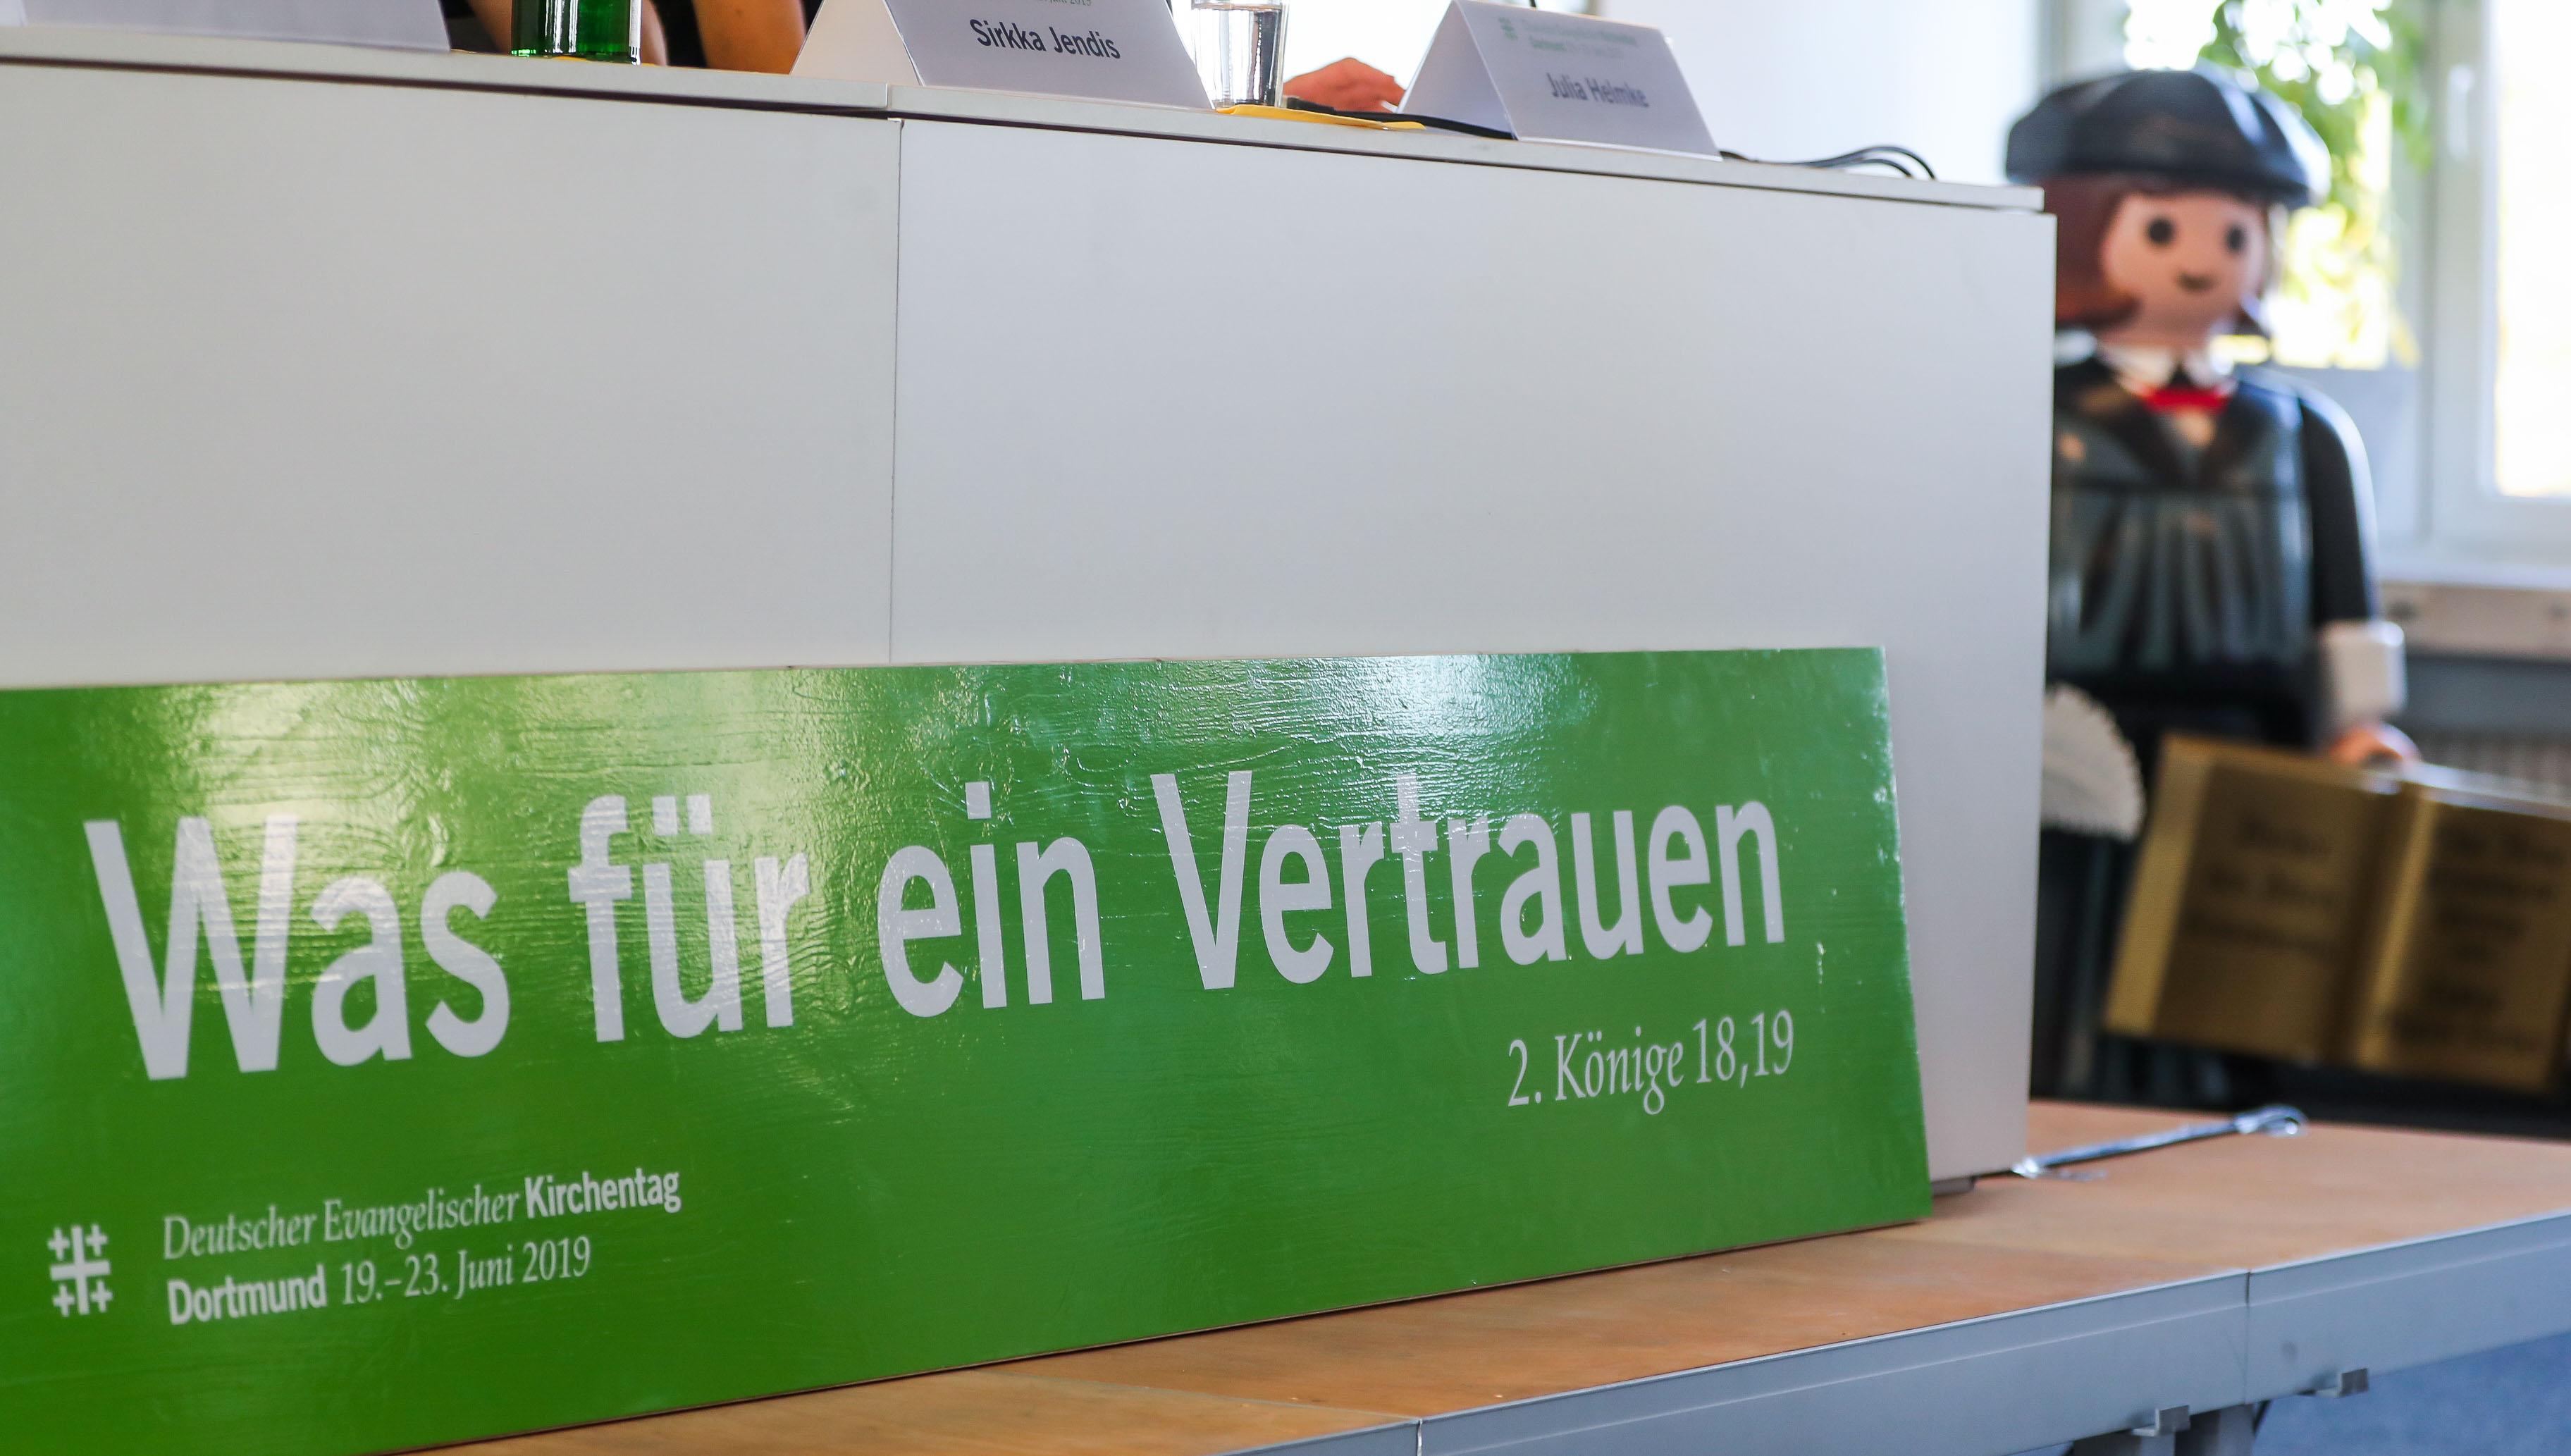 Kirchentag Dortmund Veranstaltungsorte